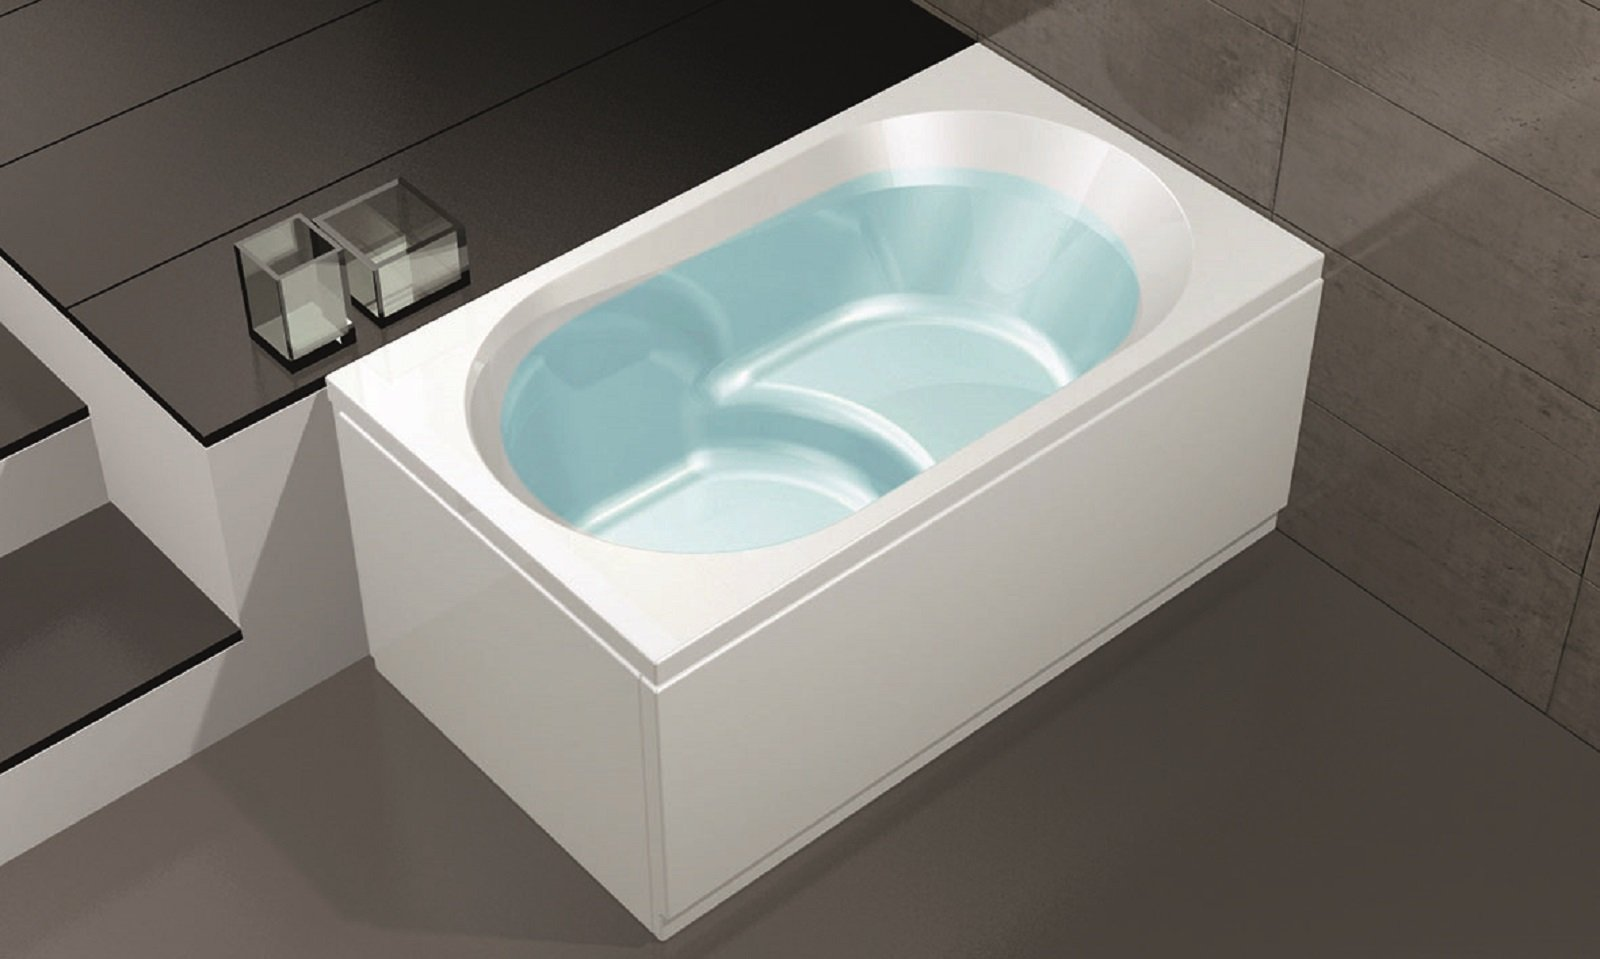 Vasca Da Bagno Piccola In Ceramica : Vasche piccole dalle dimensioni compatte e svariate misure e forme